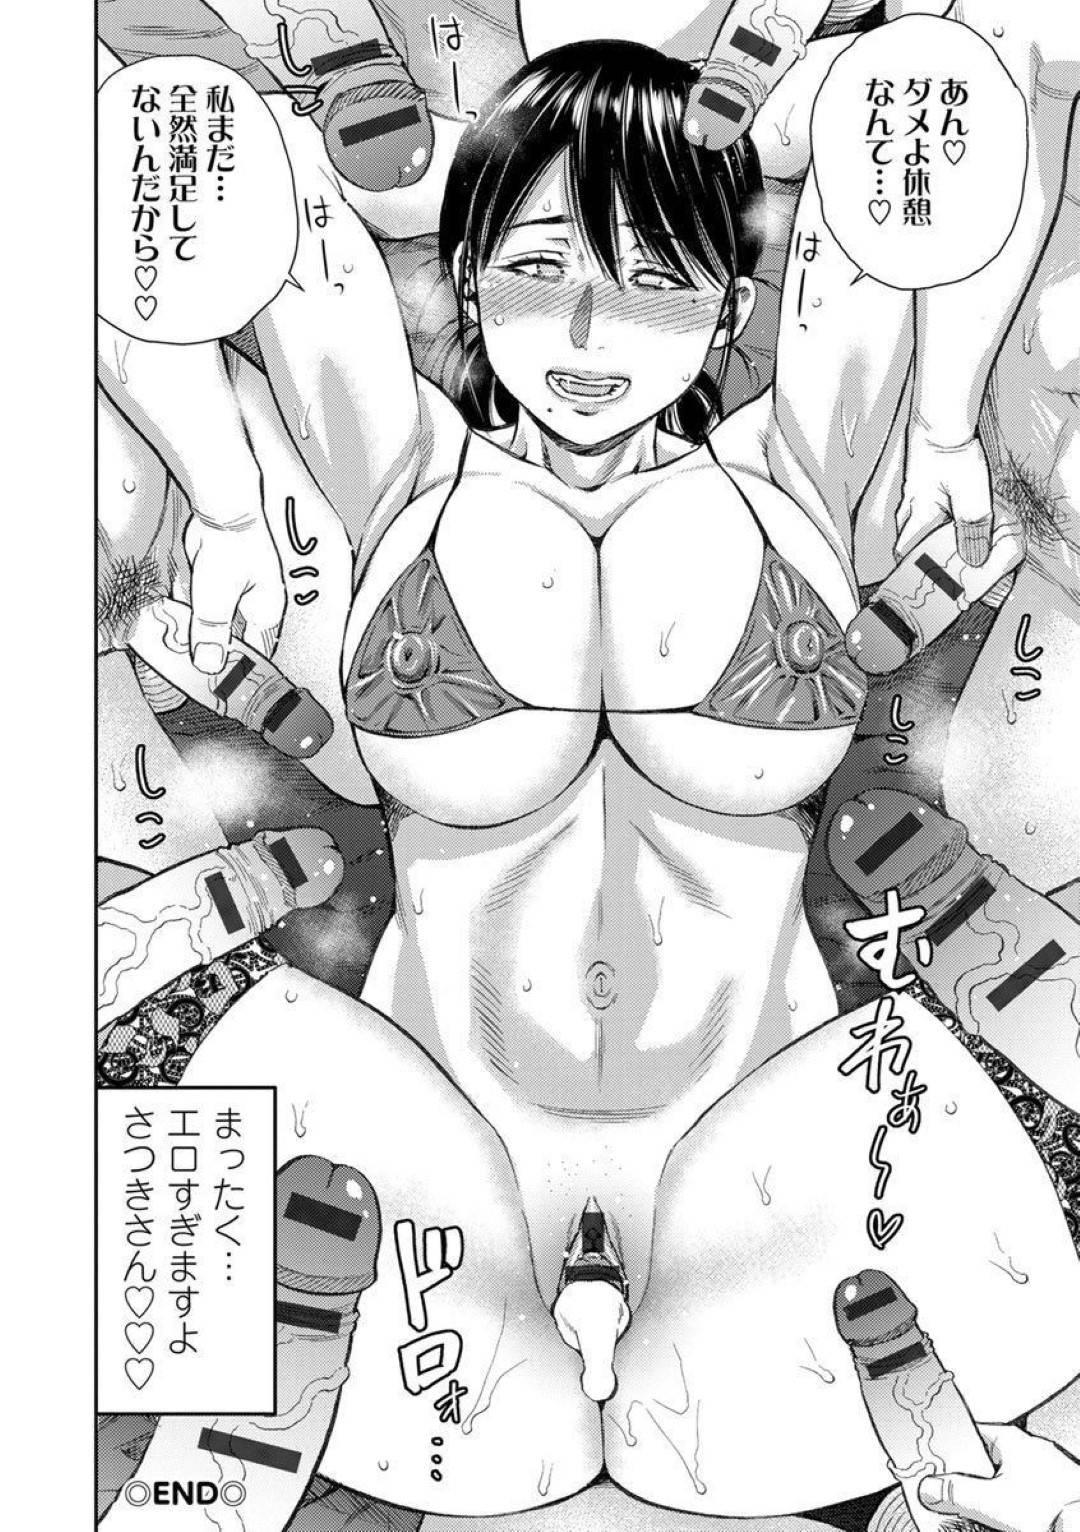 【エロ漫画】近所に住む大学生に不倫現場を見られてしまった淫乱ムチムチ巨乳人妻。彼女は彼の部屋に訪れては口止めに彼とも不倫セックスを迫る!満更でもない彼は発情状態になった彼女にフェラされたり、中出しセックスしたりとヤりまくる!